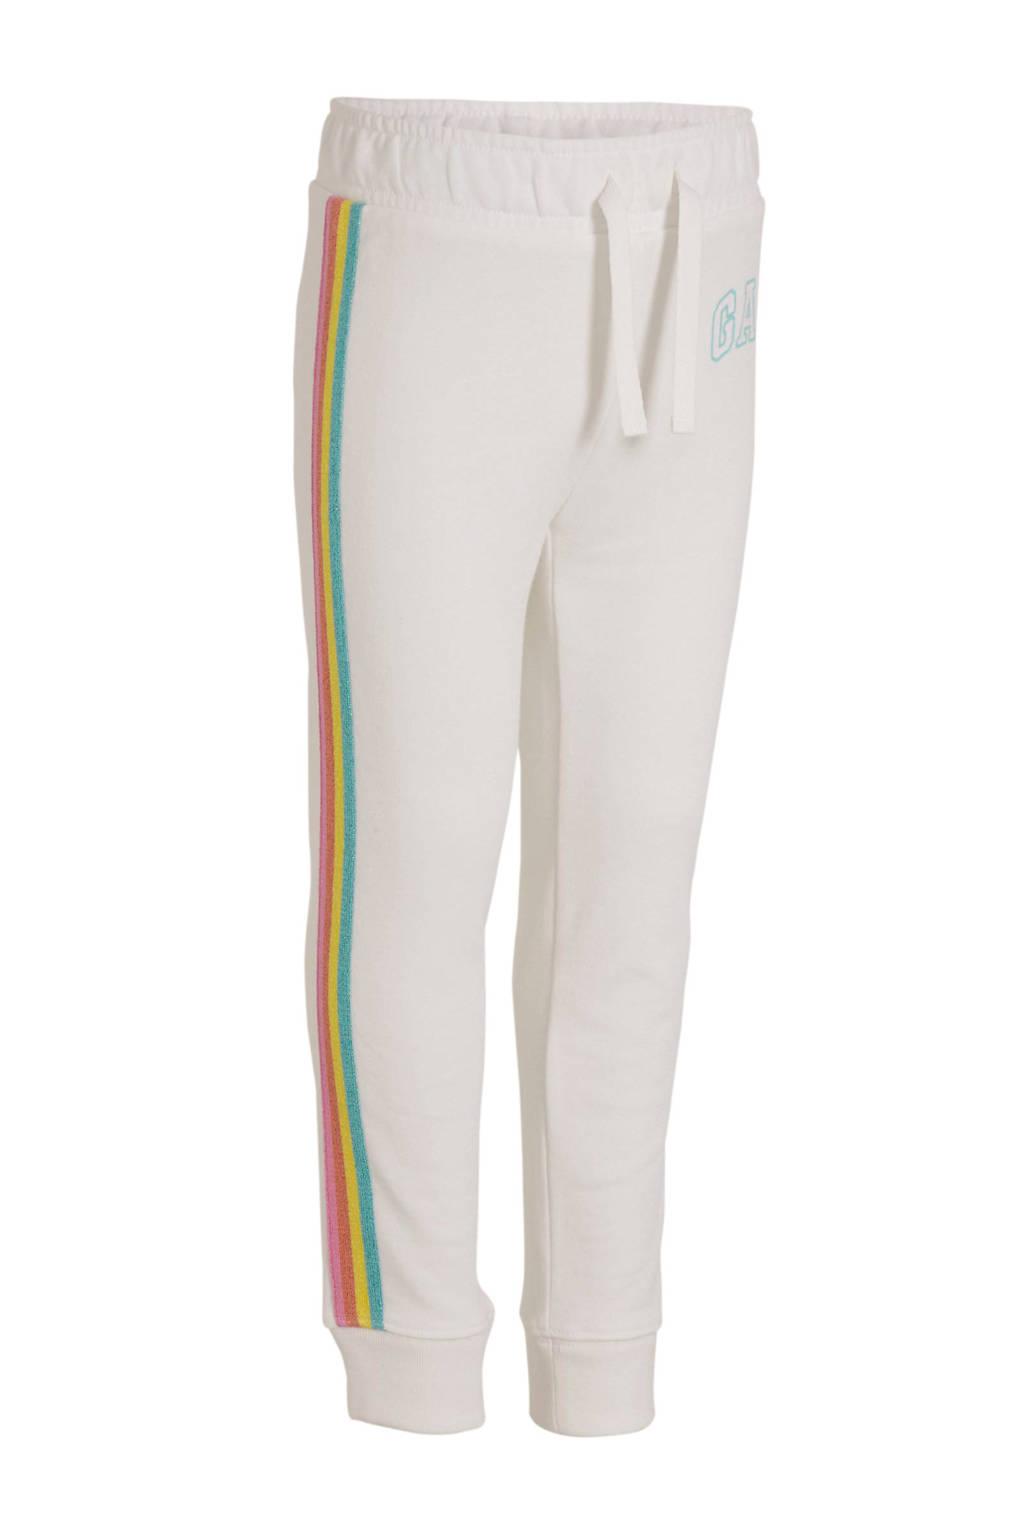 GAP broek met zijstreep wit/roze/geel, Wit/roze/geel